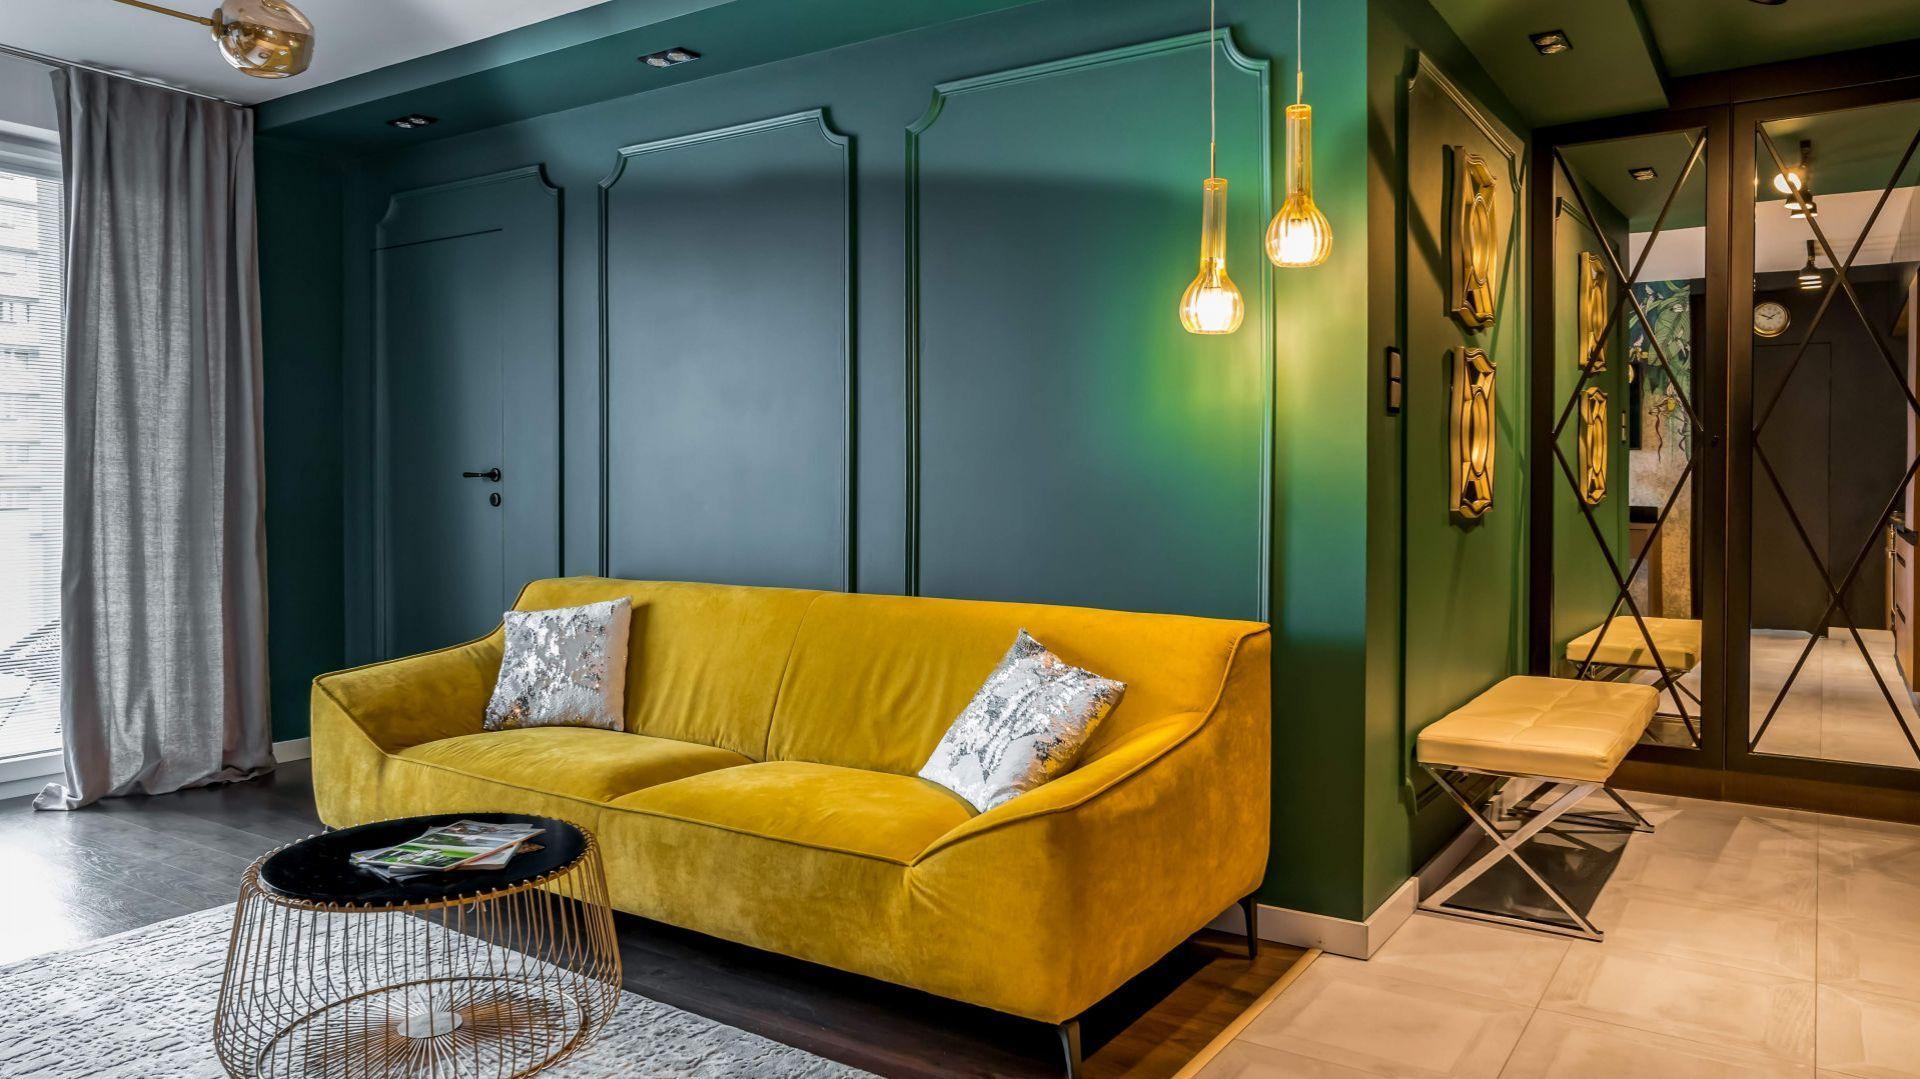 Ścianę za kanapą piękne zdobi sztukateria w zielonym kolorze, która nadaje wnętrzu elegancji. Projekt: Donata Gadalska. Fot. Jacek Fabiszewski